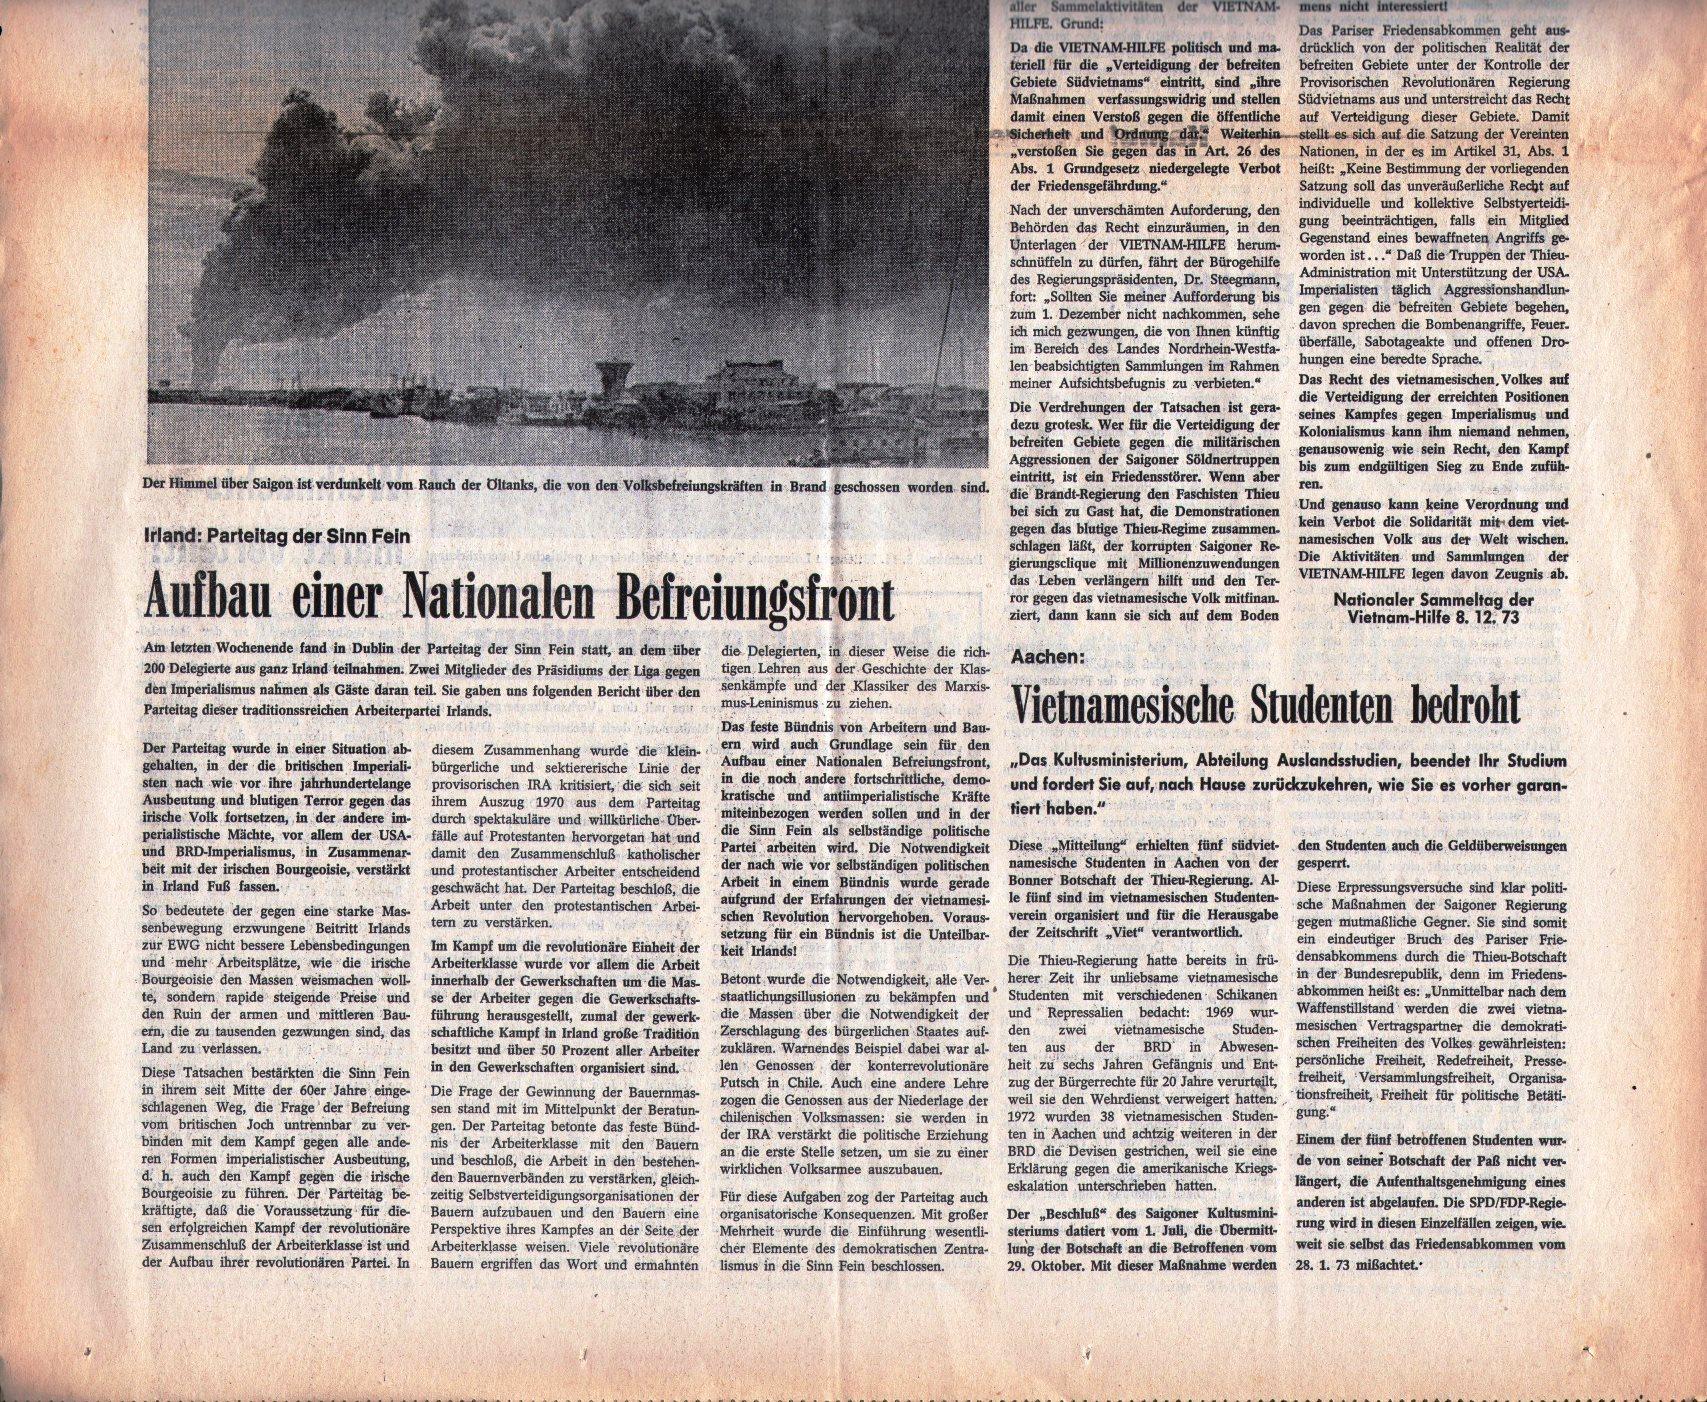 KPD_Rote_Fahne_1973_49_12